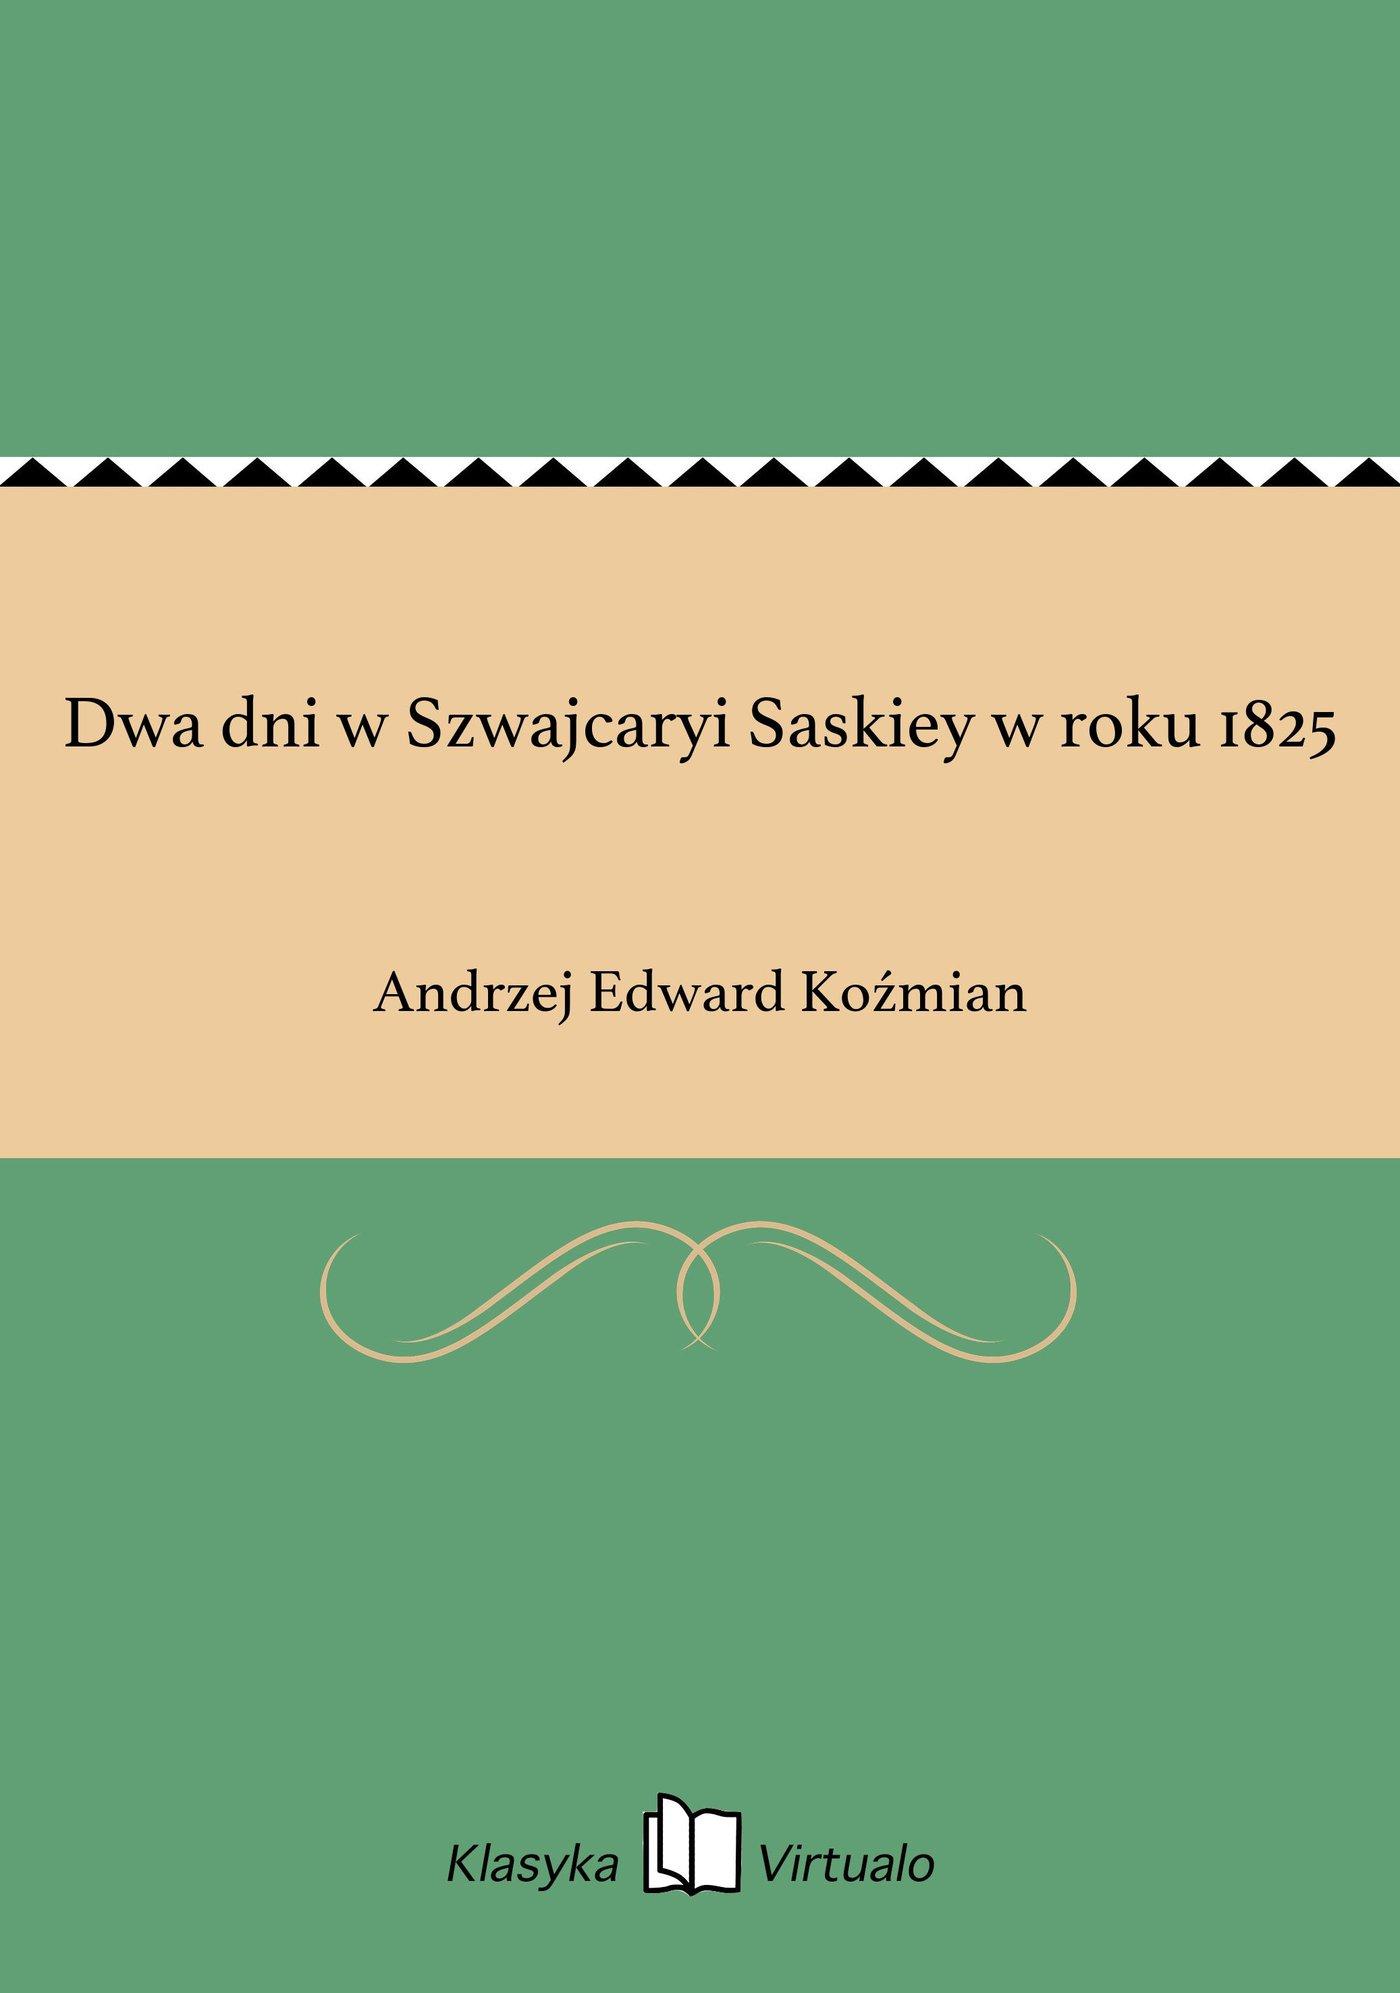 Dwa dni w Szwajcaryi Saskiey w roku 1825 - Ebook (Książka EPUB) do pobrania w formacie EPUB